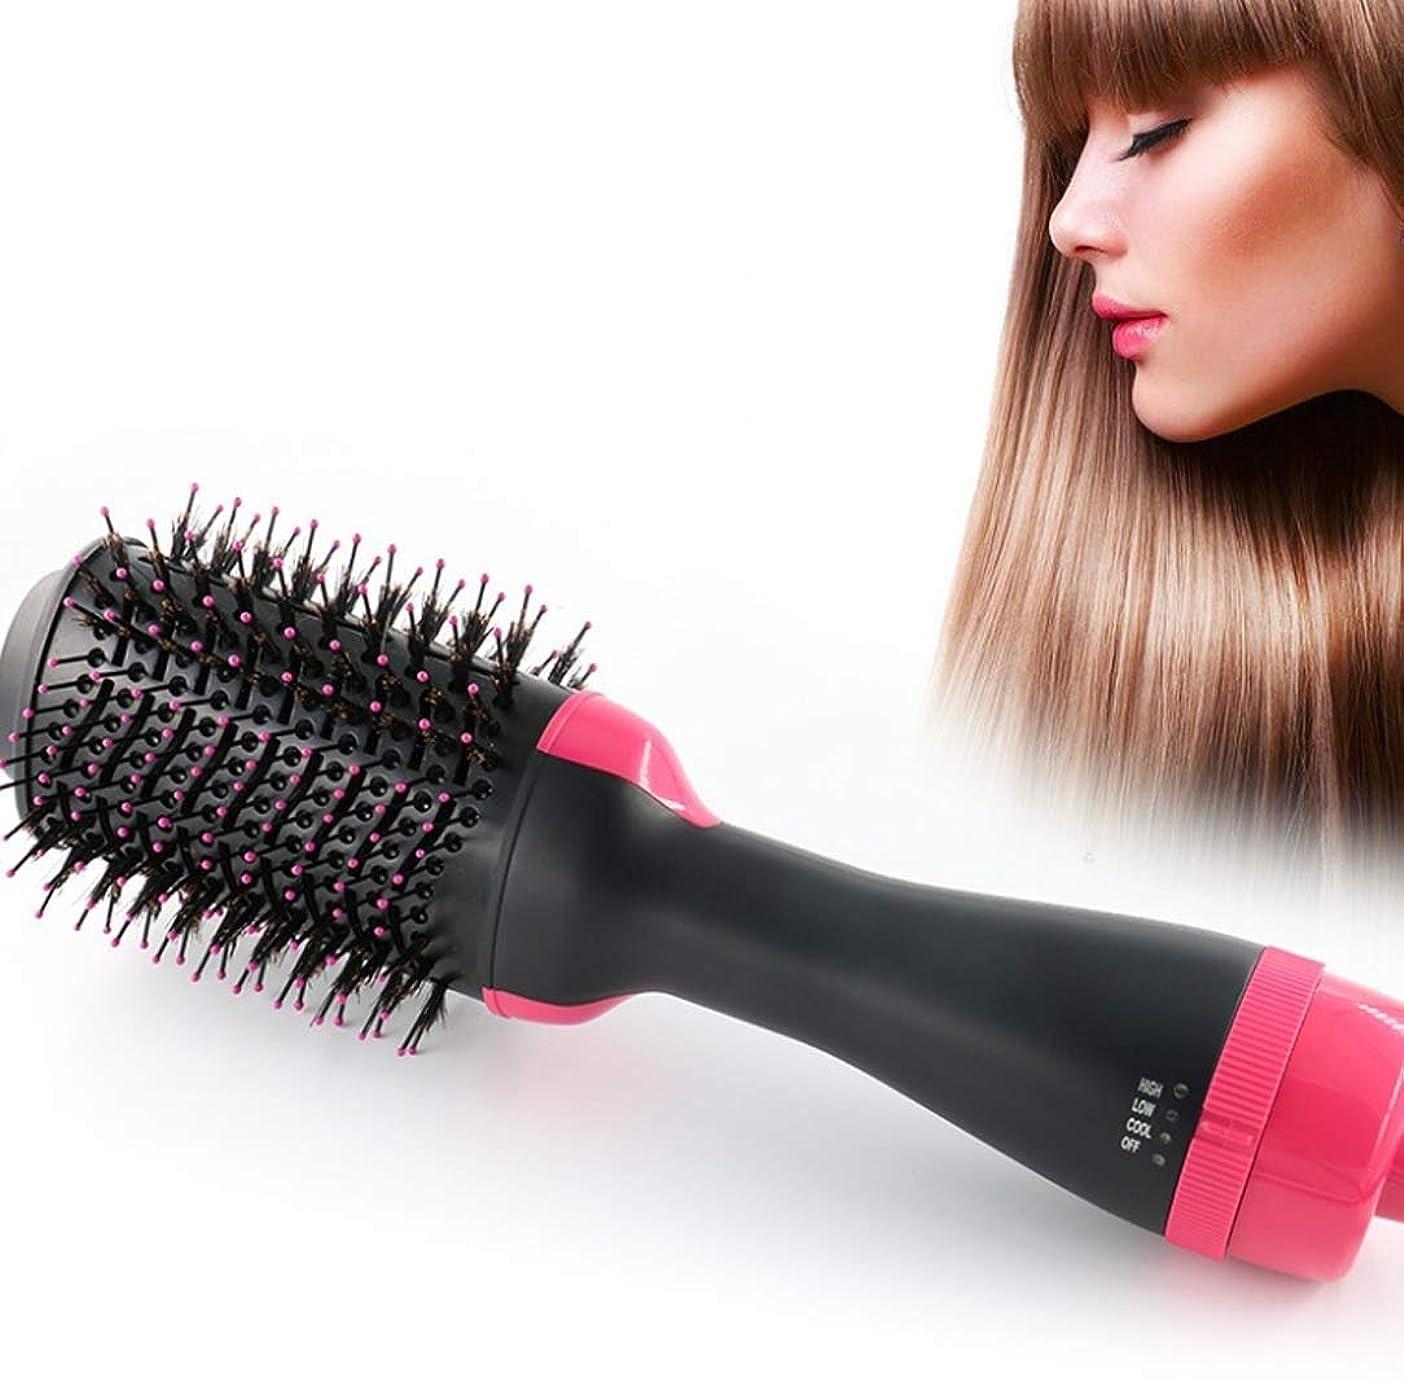 ペパーミント肘申請中OULYO- ヘアドライヤースタイリング多機能熱風サーモスタットくしマイナスイオン髪くしヘアカーラーストレートヘアくしホットエアー(1000W)女性の家族のための適切なヘアーサロン